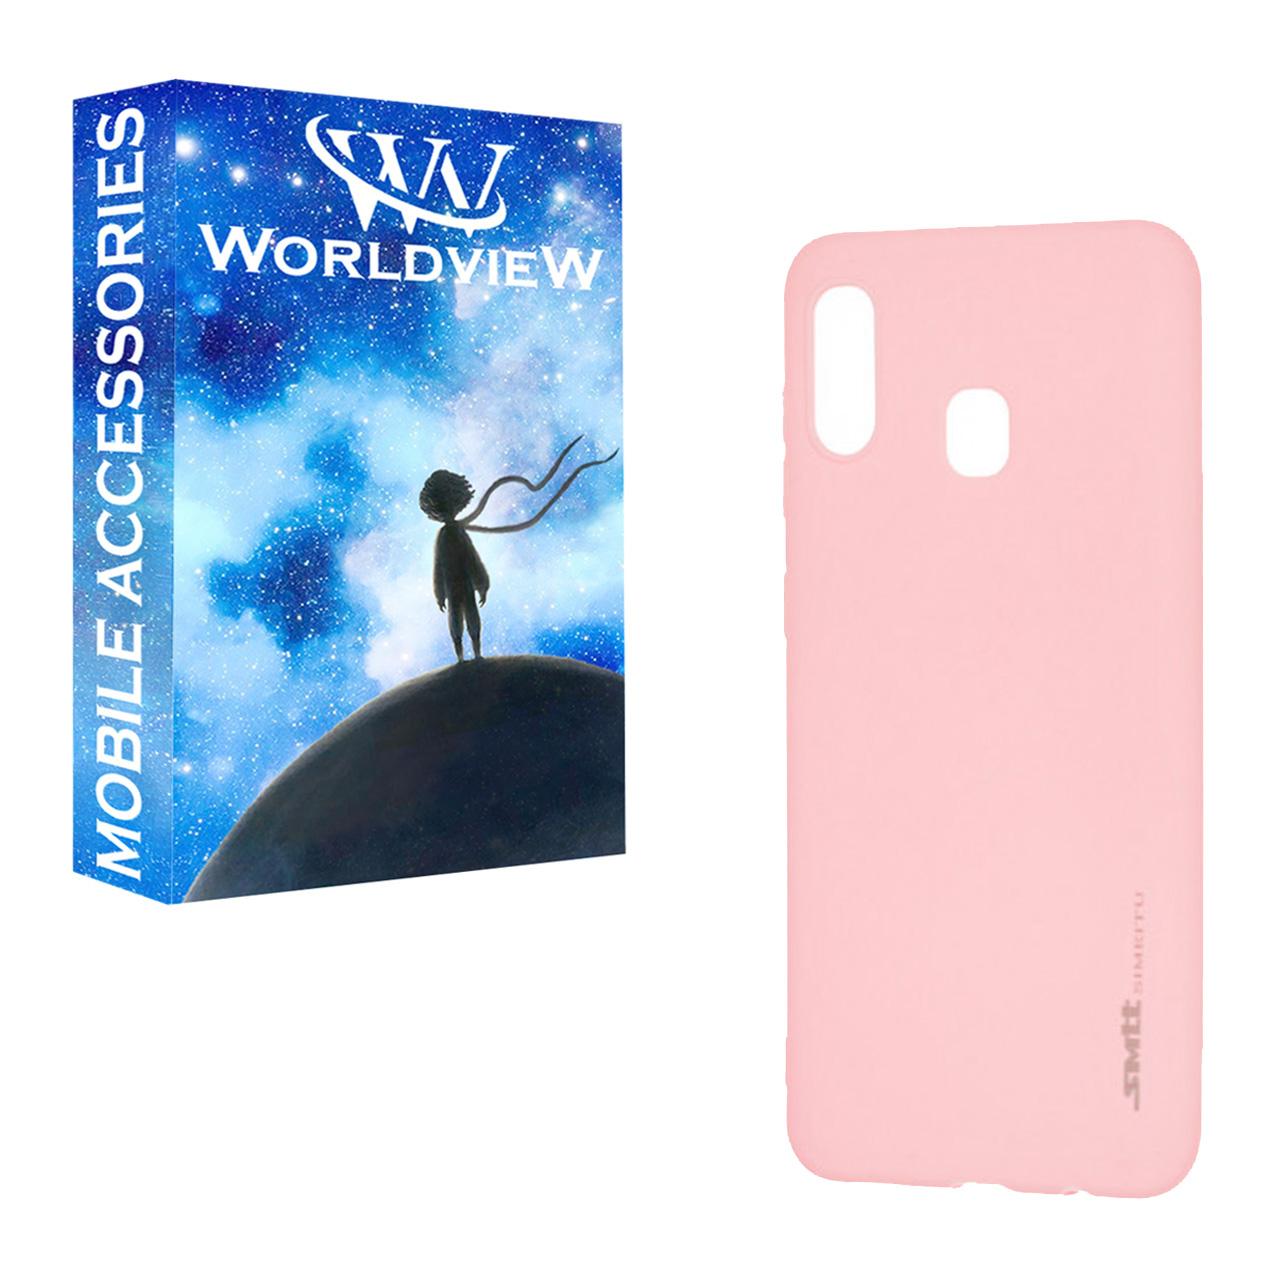 کاور ورلد ویو مدل WSMT-1 مناسب برای گوشی موبایل سامسونگ Galaxy A20/A30